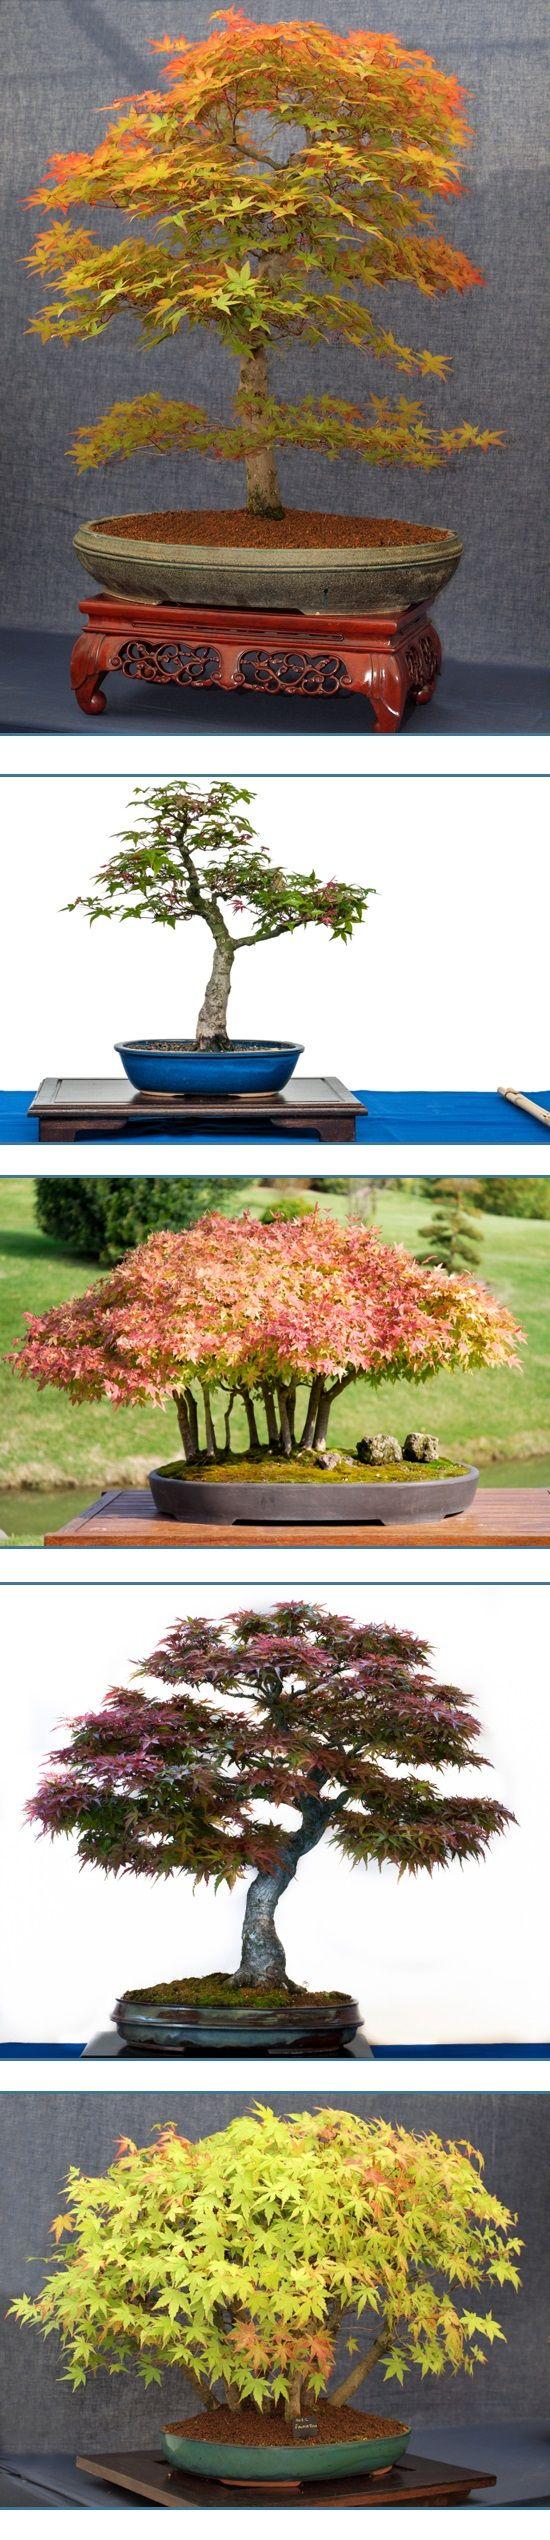 El arce japonés bonsái es uno de los árboles enanos más decorativo. Su belleza en miniatura crea verdaderos adeptos porque con más de 150 variedades es fácil encontrar una al gusto de cada uno y tiene la ventaja de que sus colores van cambiando con las estaciones de rojos intensos a naranjas y amarillos verdosos. …